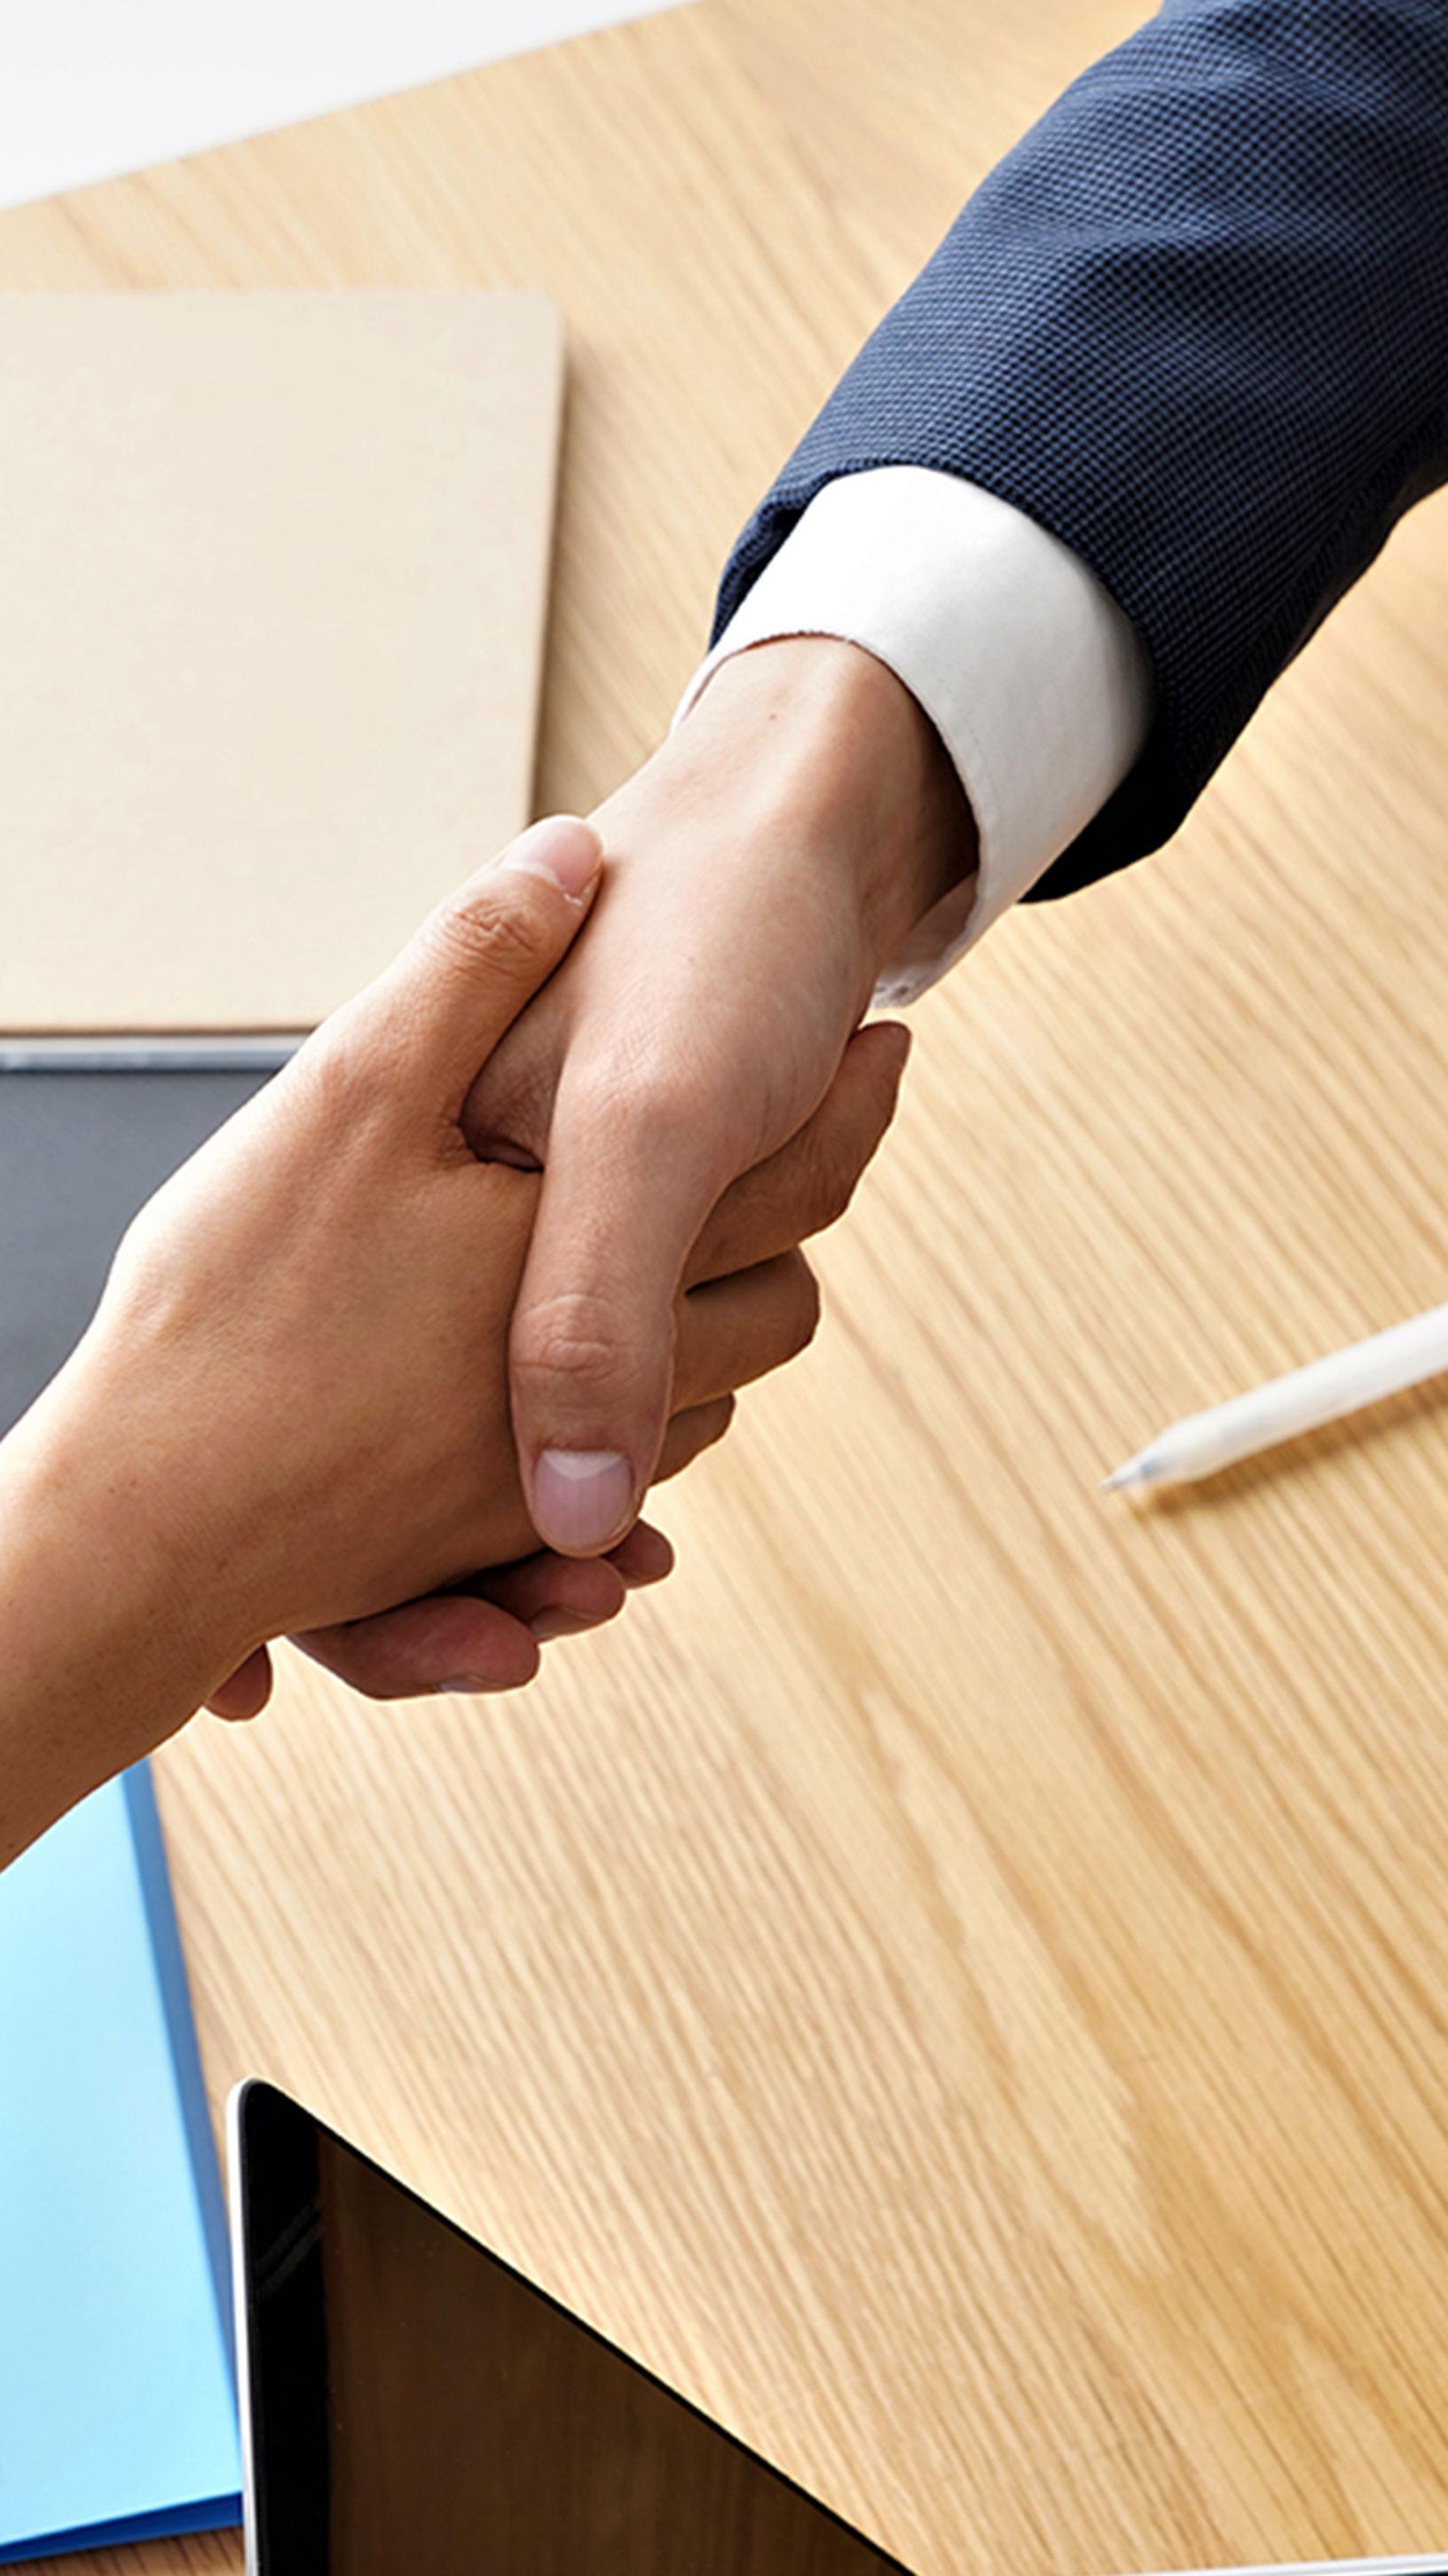 打ち合わせ握手をするイメージ